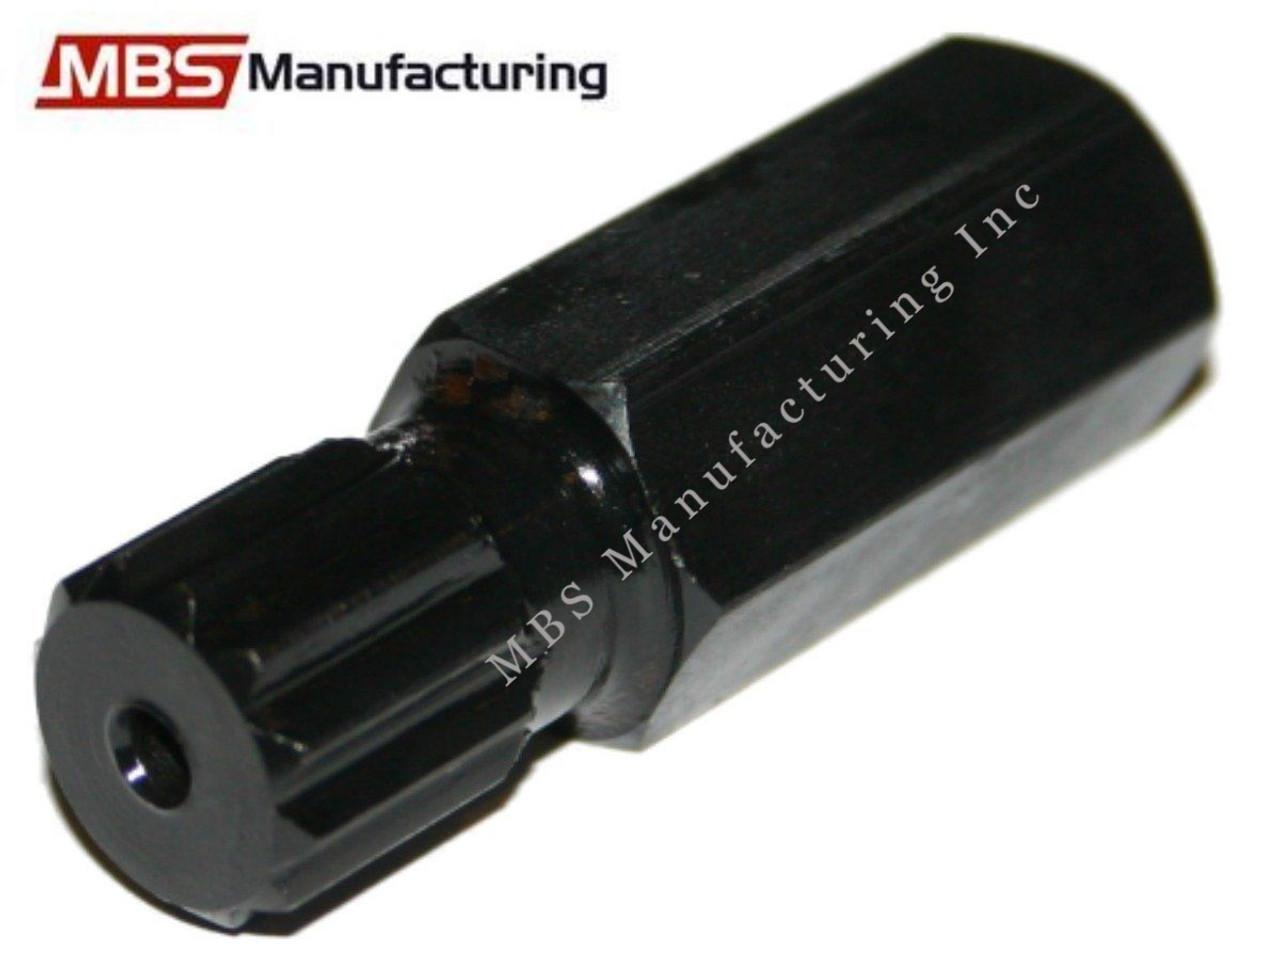 Alignment Bar Gimbal Bearing Seal Bellow Tool Set Mercruiser 91-805475A1 OMC (5pc)